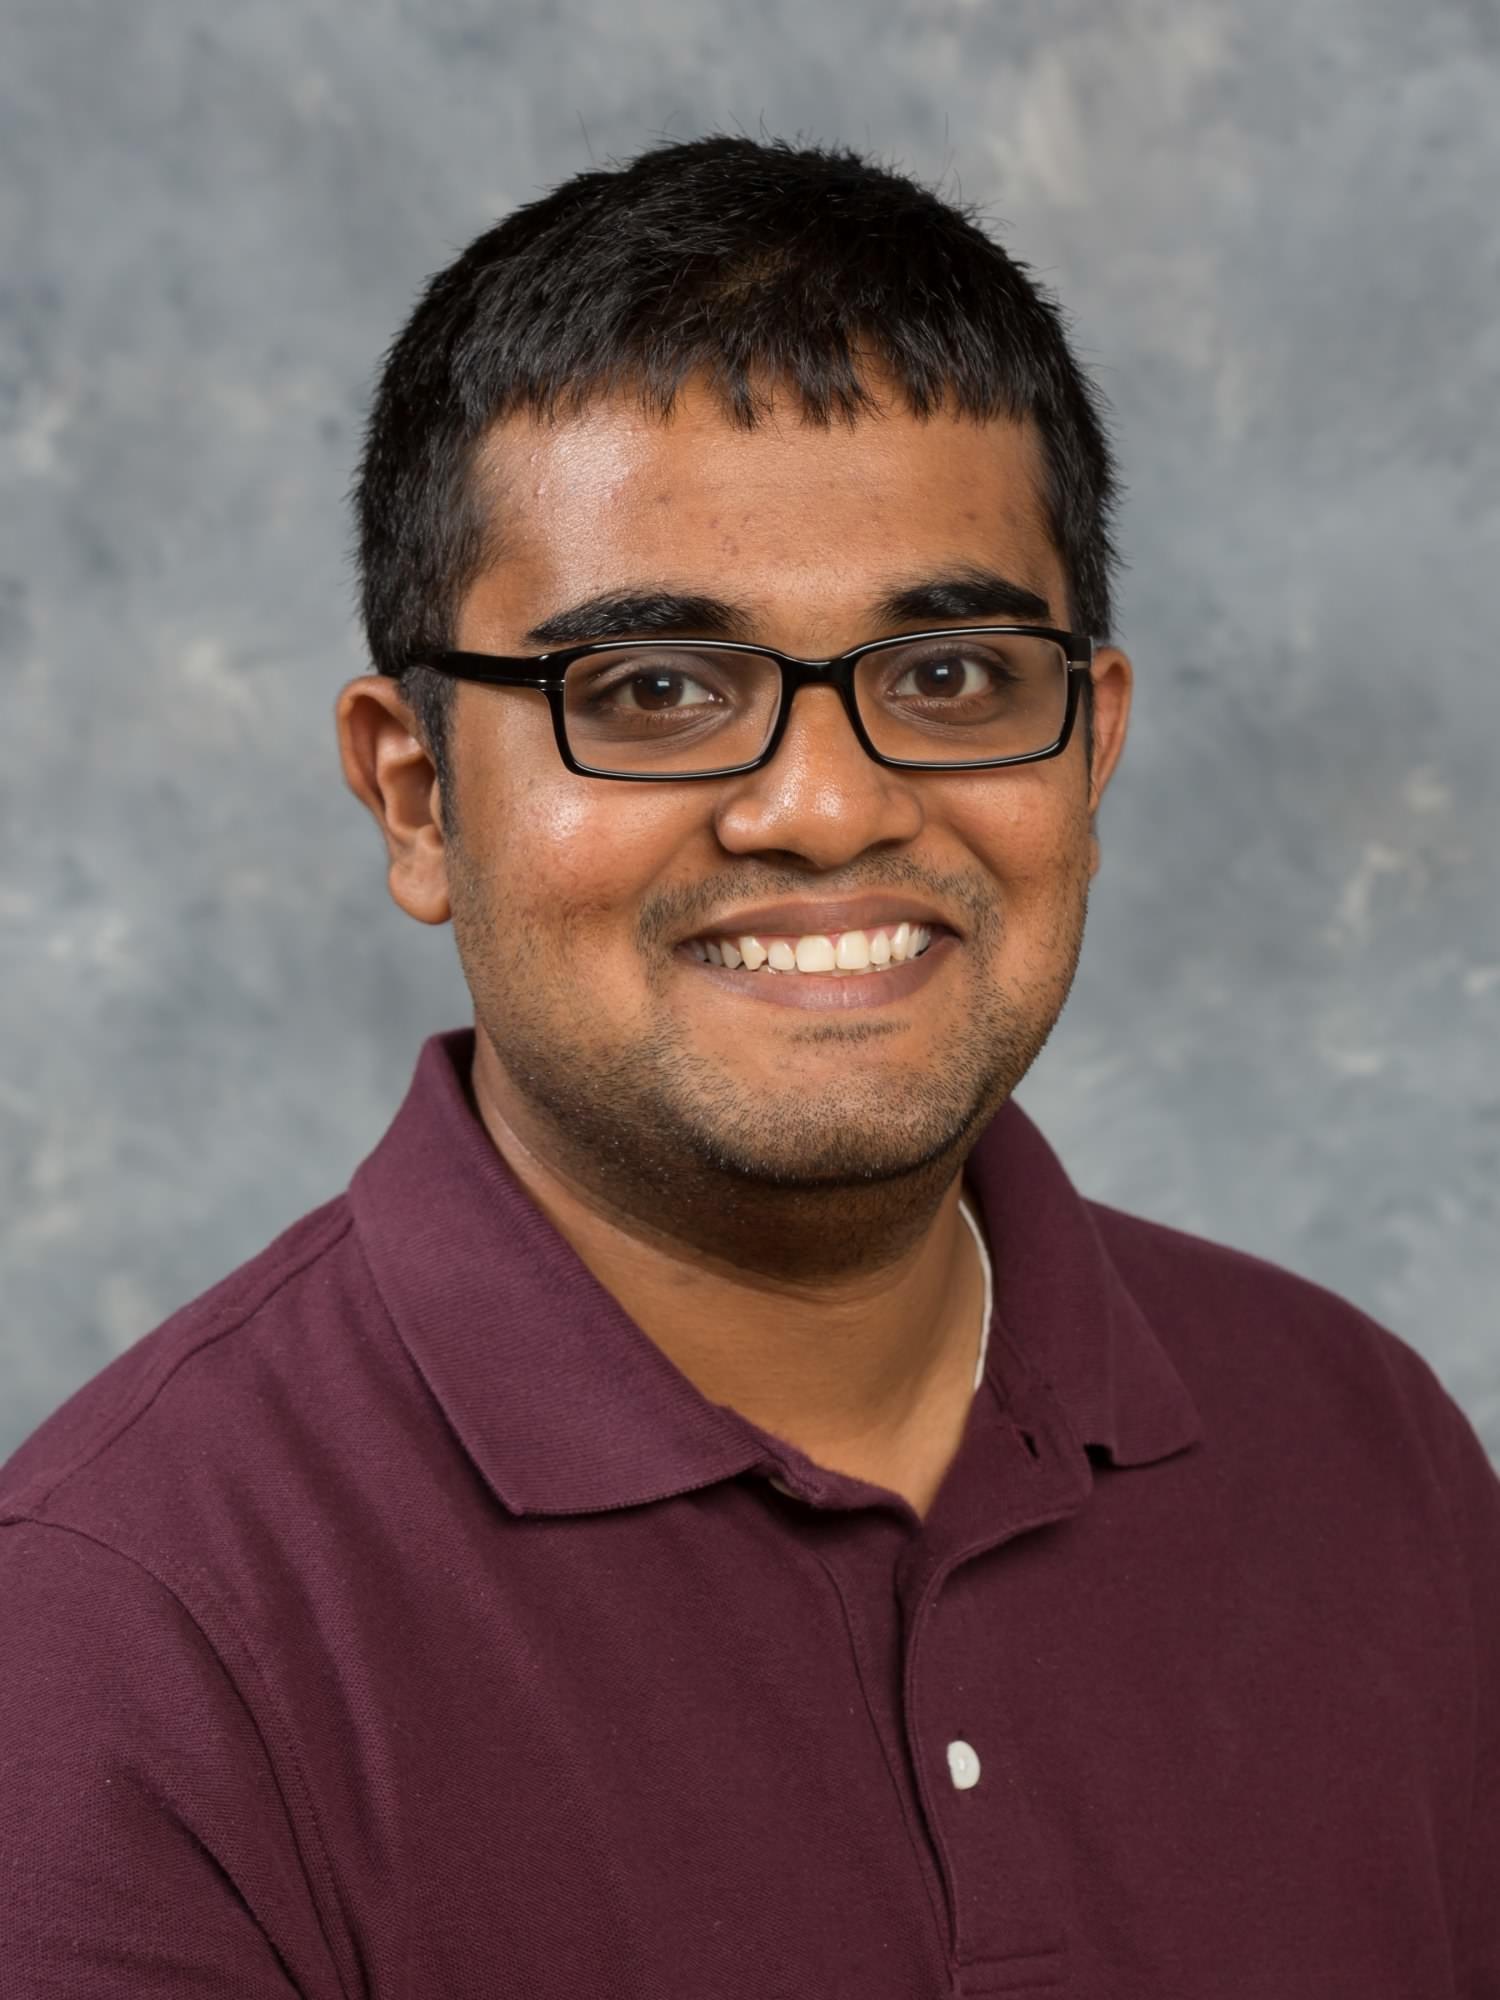 Avinash Jaiganesh